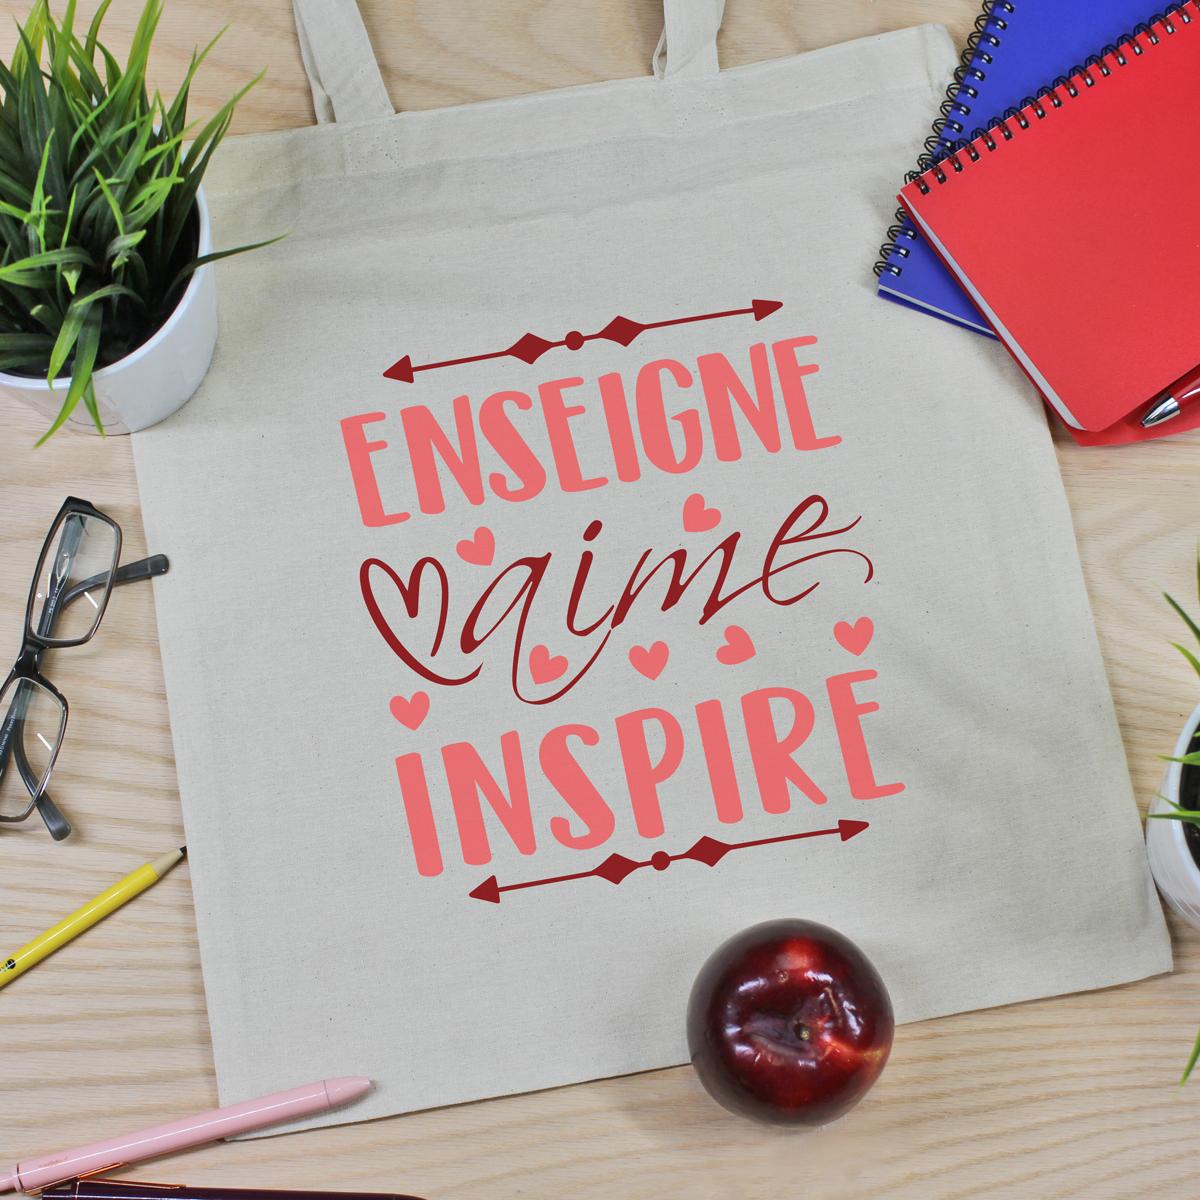 sac en coton pour professeur(e) - enseignant(e)